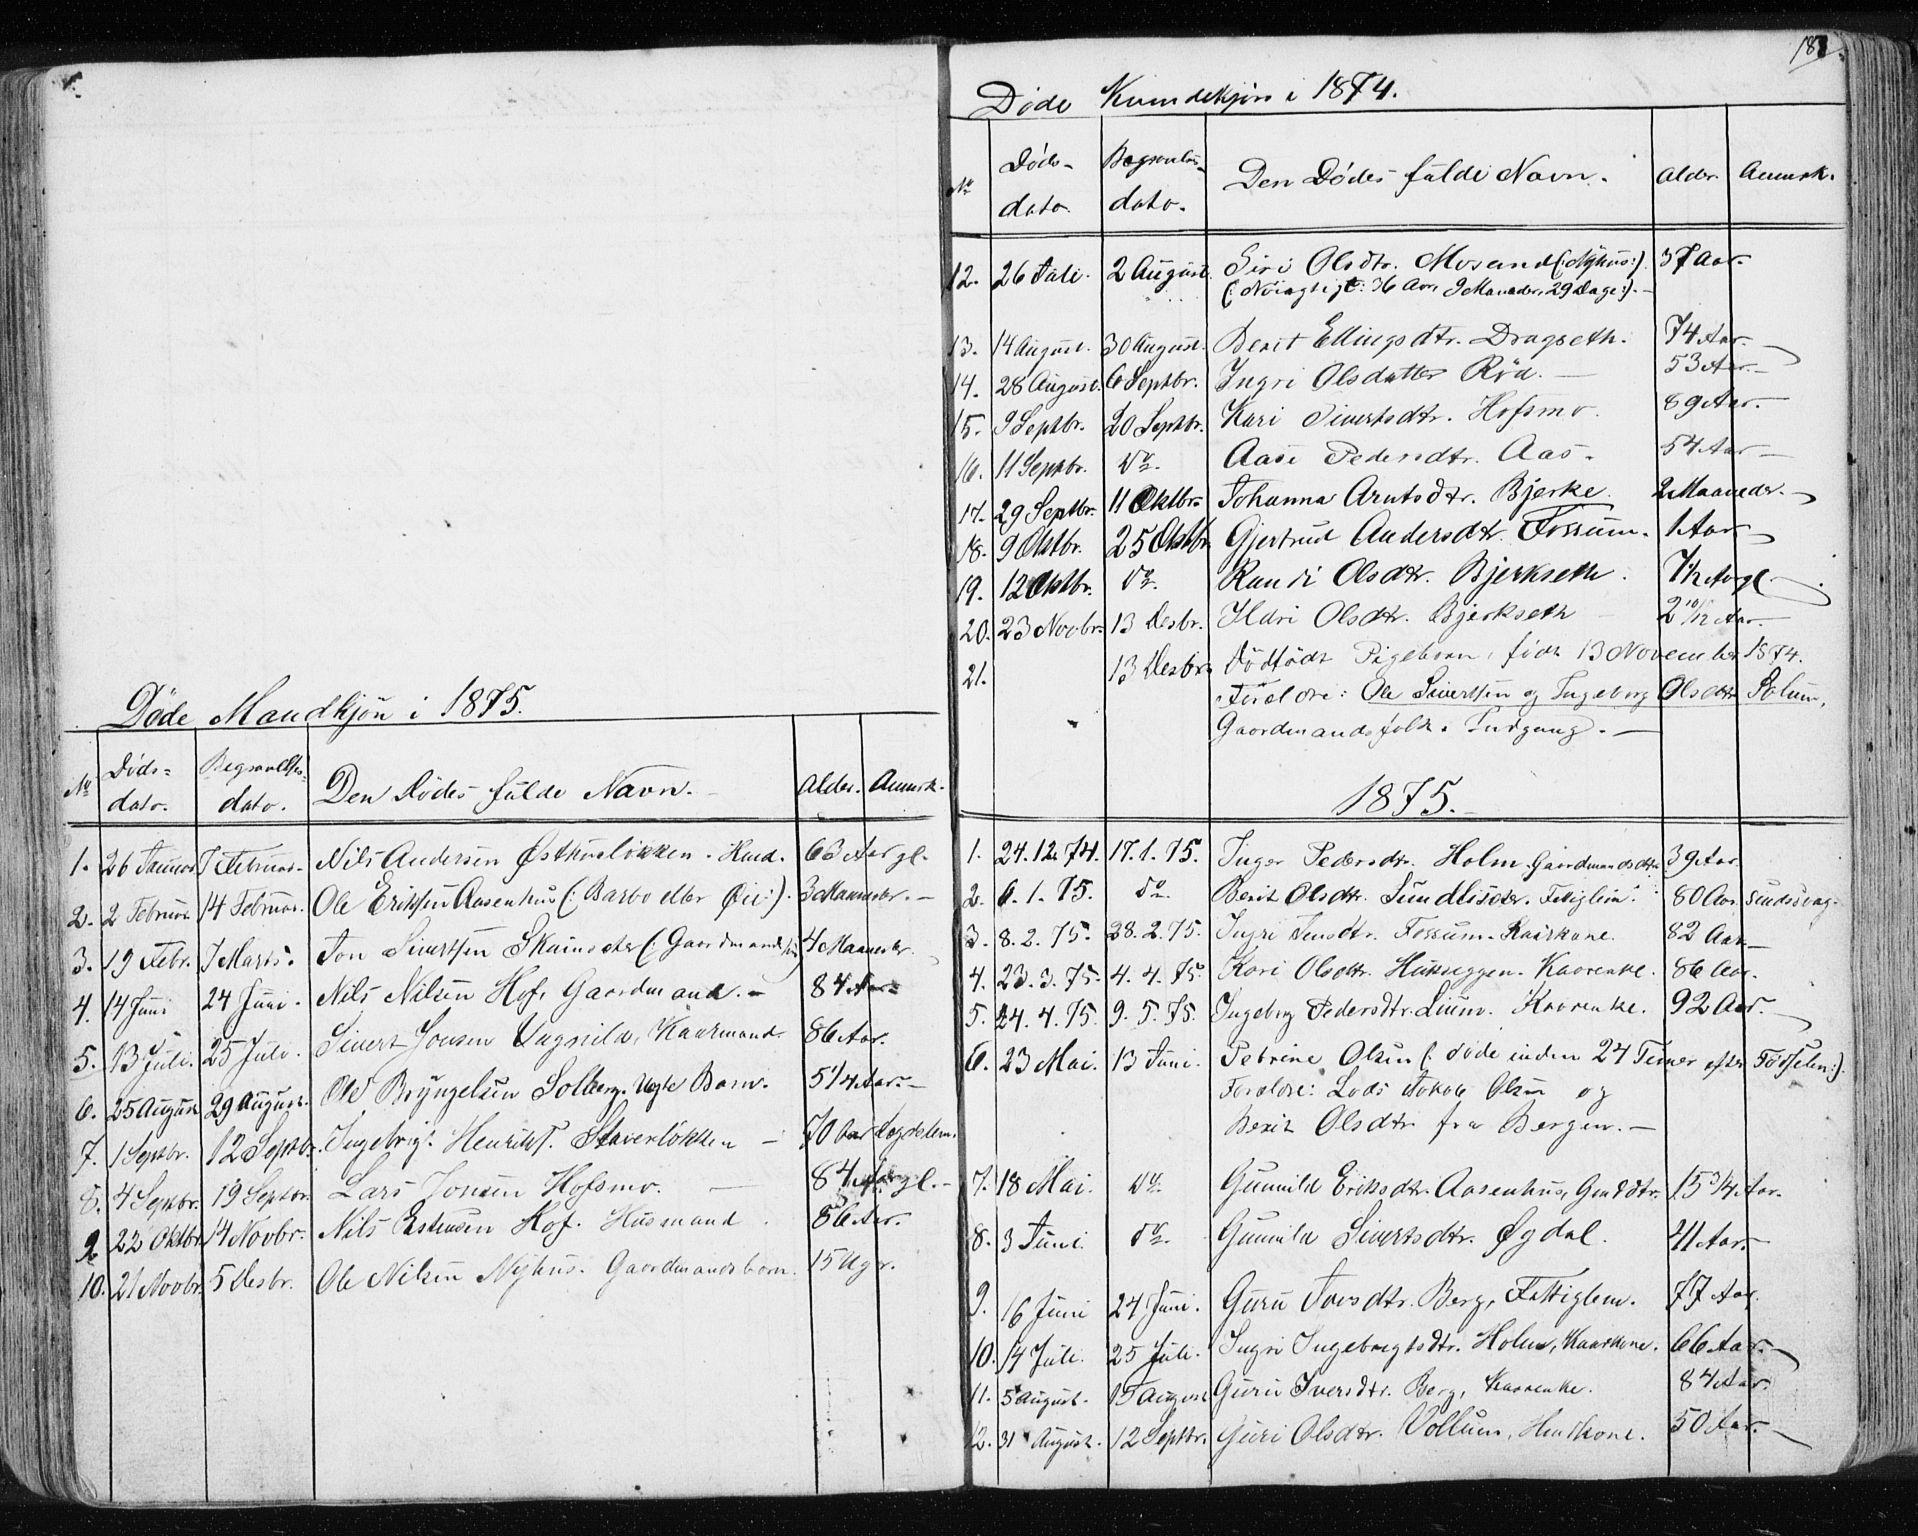 SAT, Ministerialprotokoller, klokkerbøker og fødselsregistre - Sør-Trøndelag, 689/L1043: Klokkerbok nr. 689C02, 1816-1892, s. 187